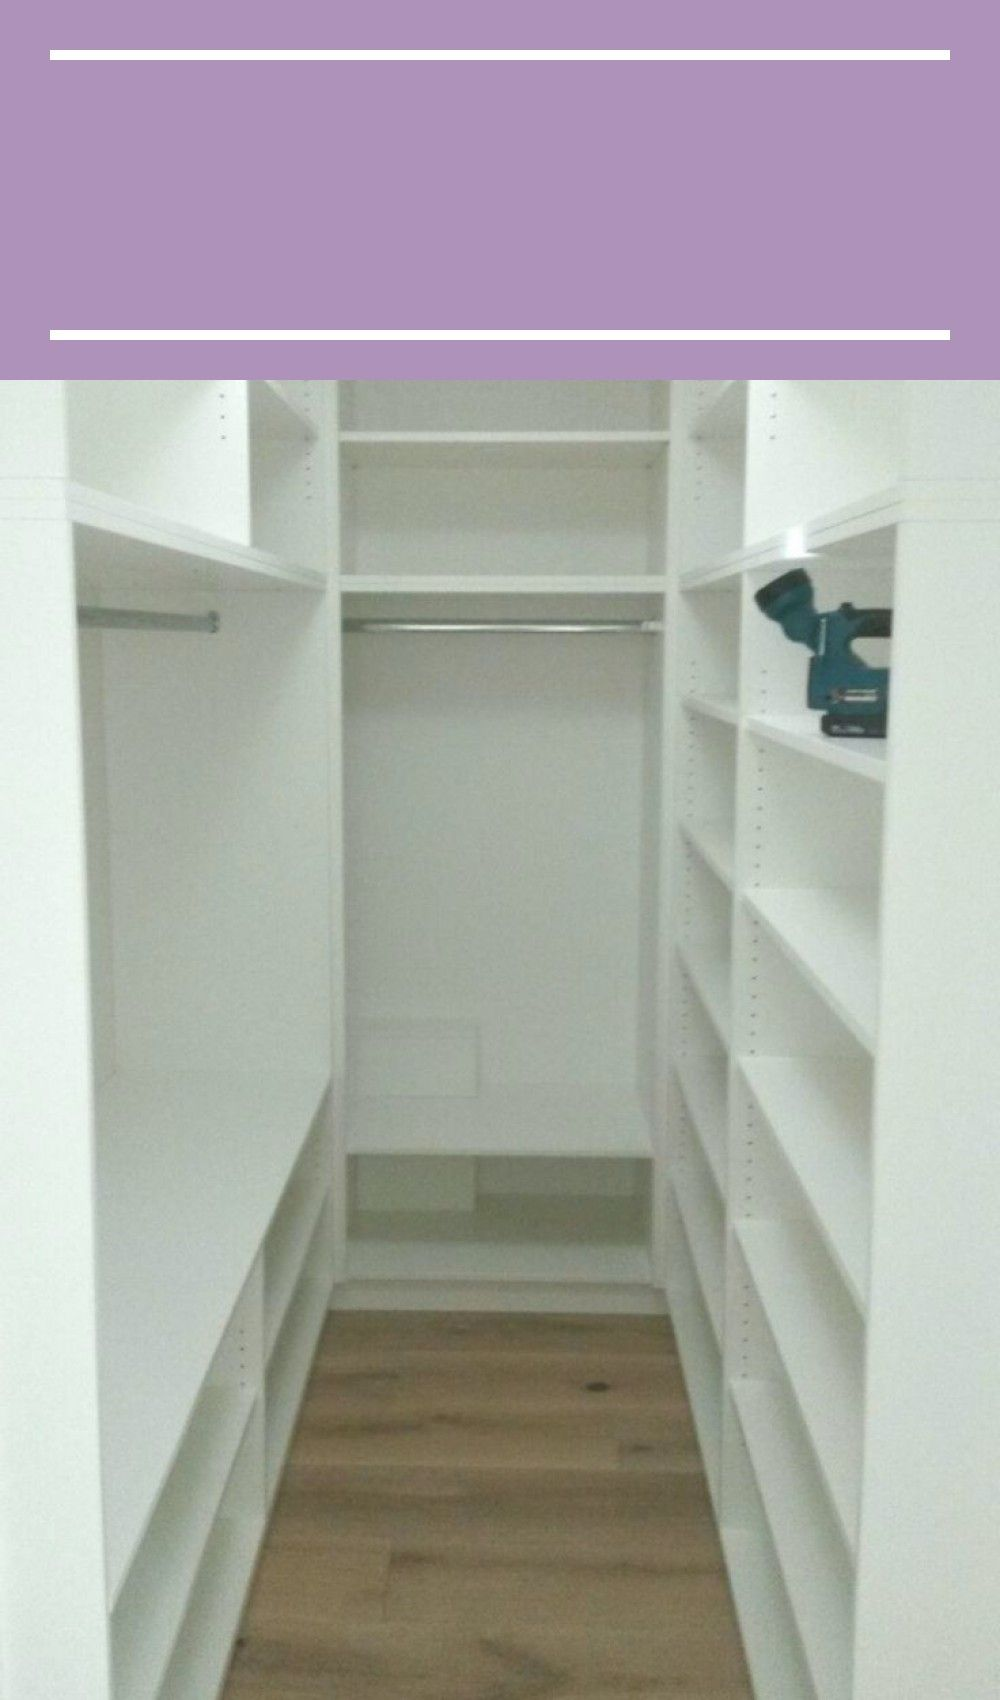 Ankleidezimmer Klein In 2020 Shoe Rack Closet Lovely Colors Shoe Rack